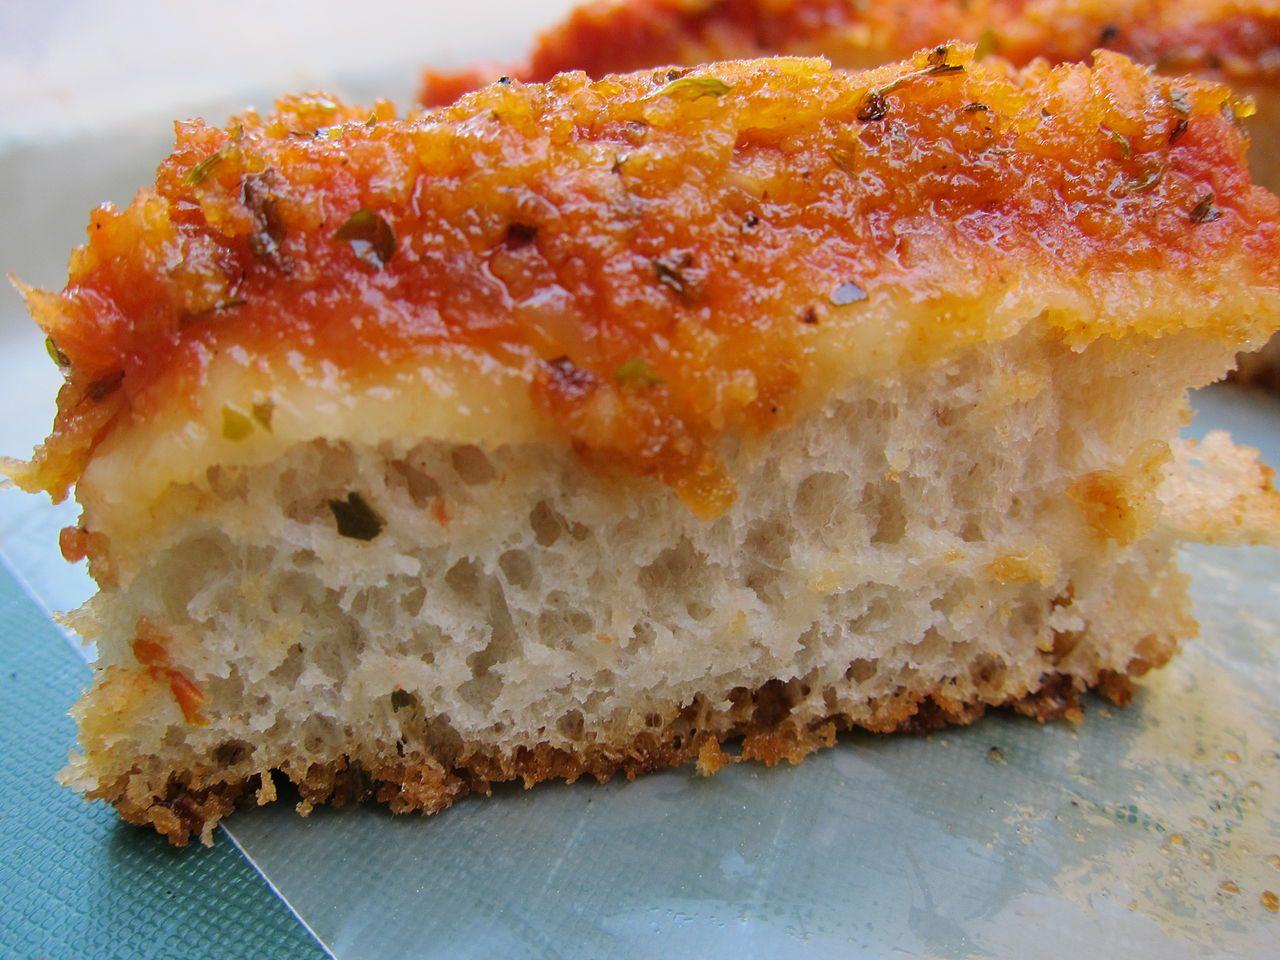 'Lo Sfincione' - The Original Sicilian-Style Pizza